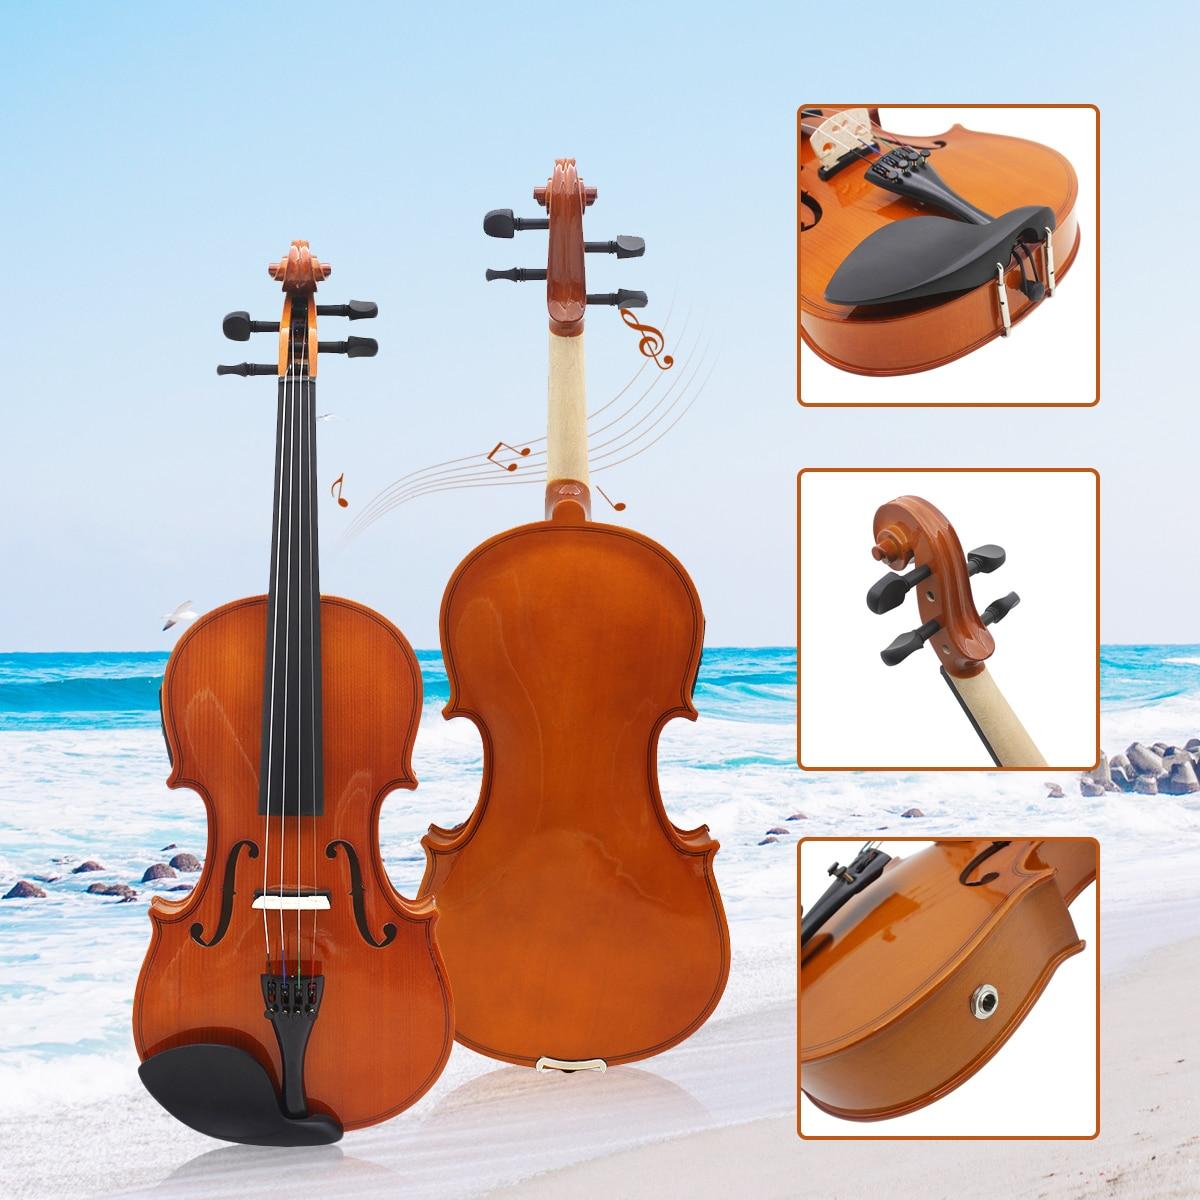 Full Size 4/4 Solido Tiglio Elettrica Acustica Violino Con Custodia Del Violino Arco Colofonia Stringhe Accessori